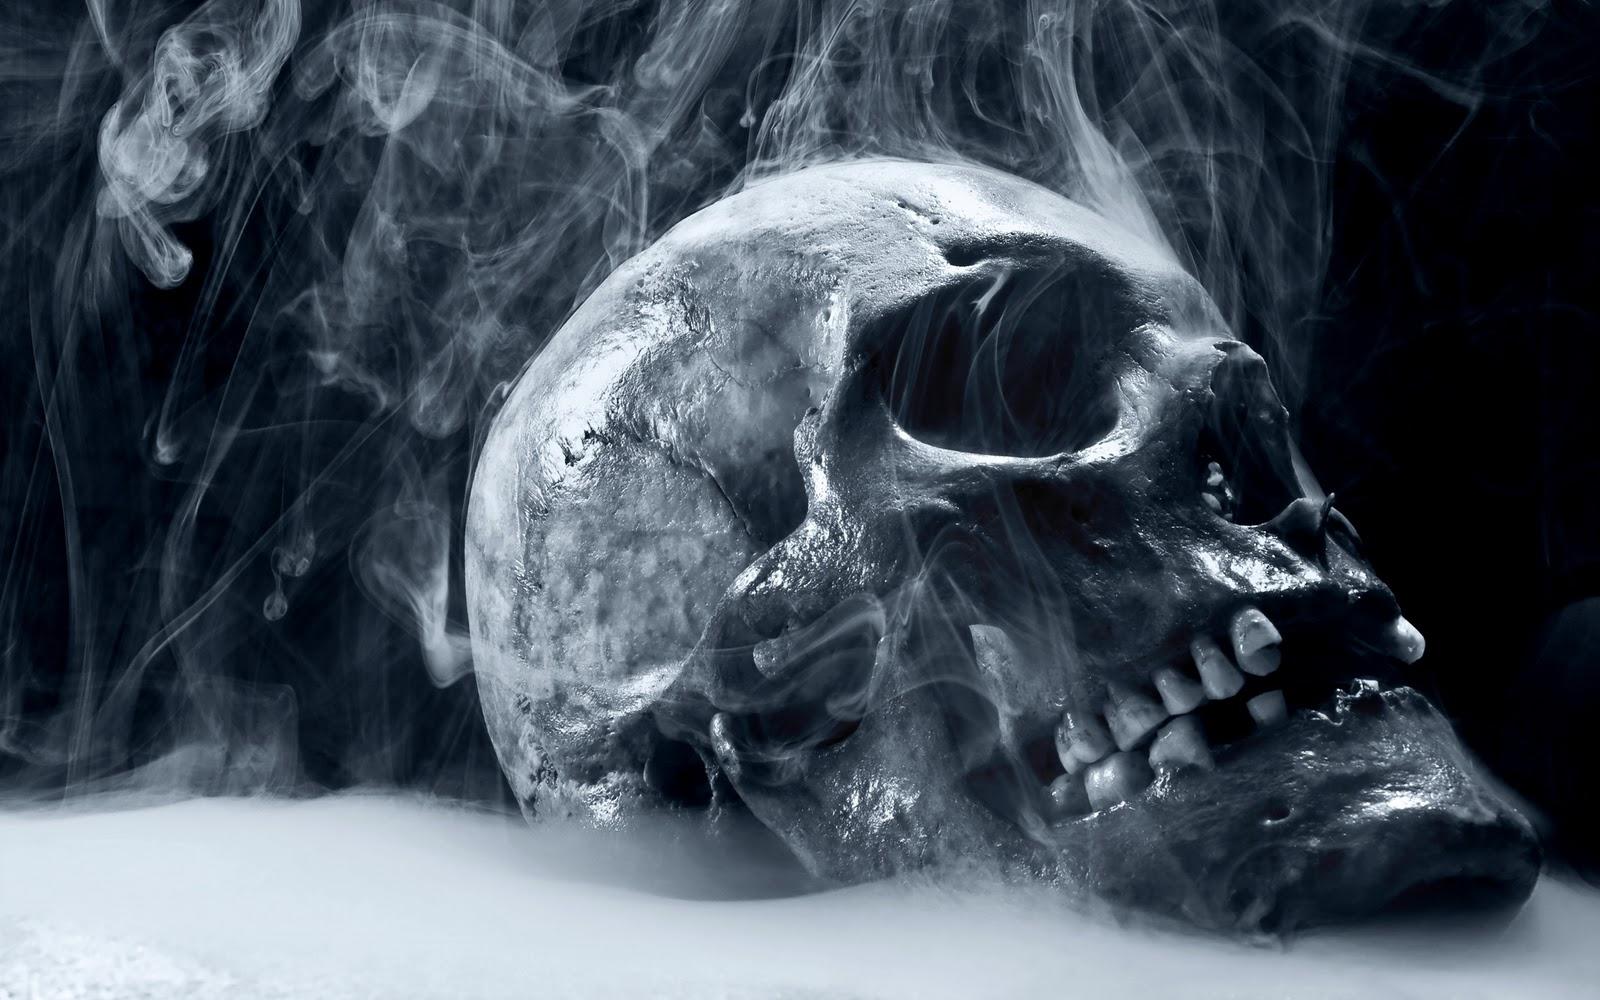 Angel Girl And Skulls Wallpaper Hd Horror Skull